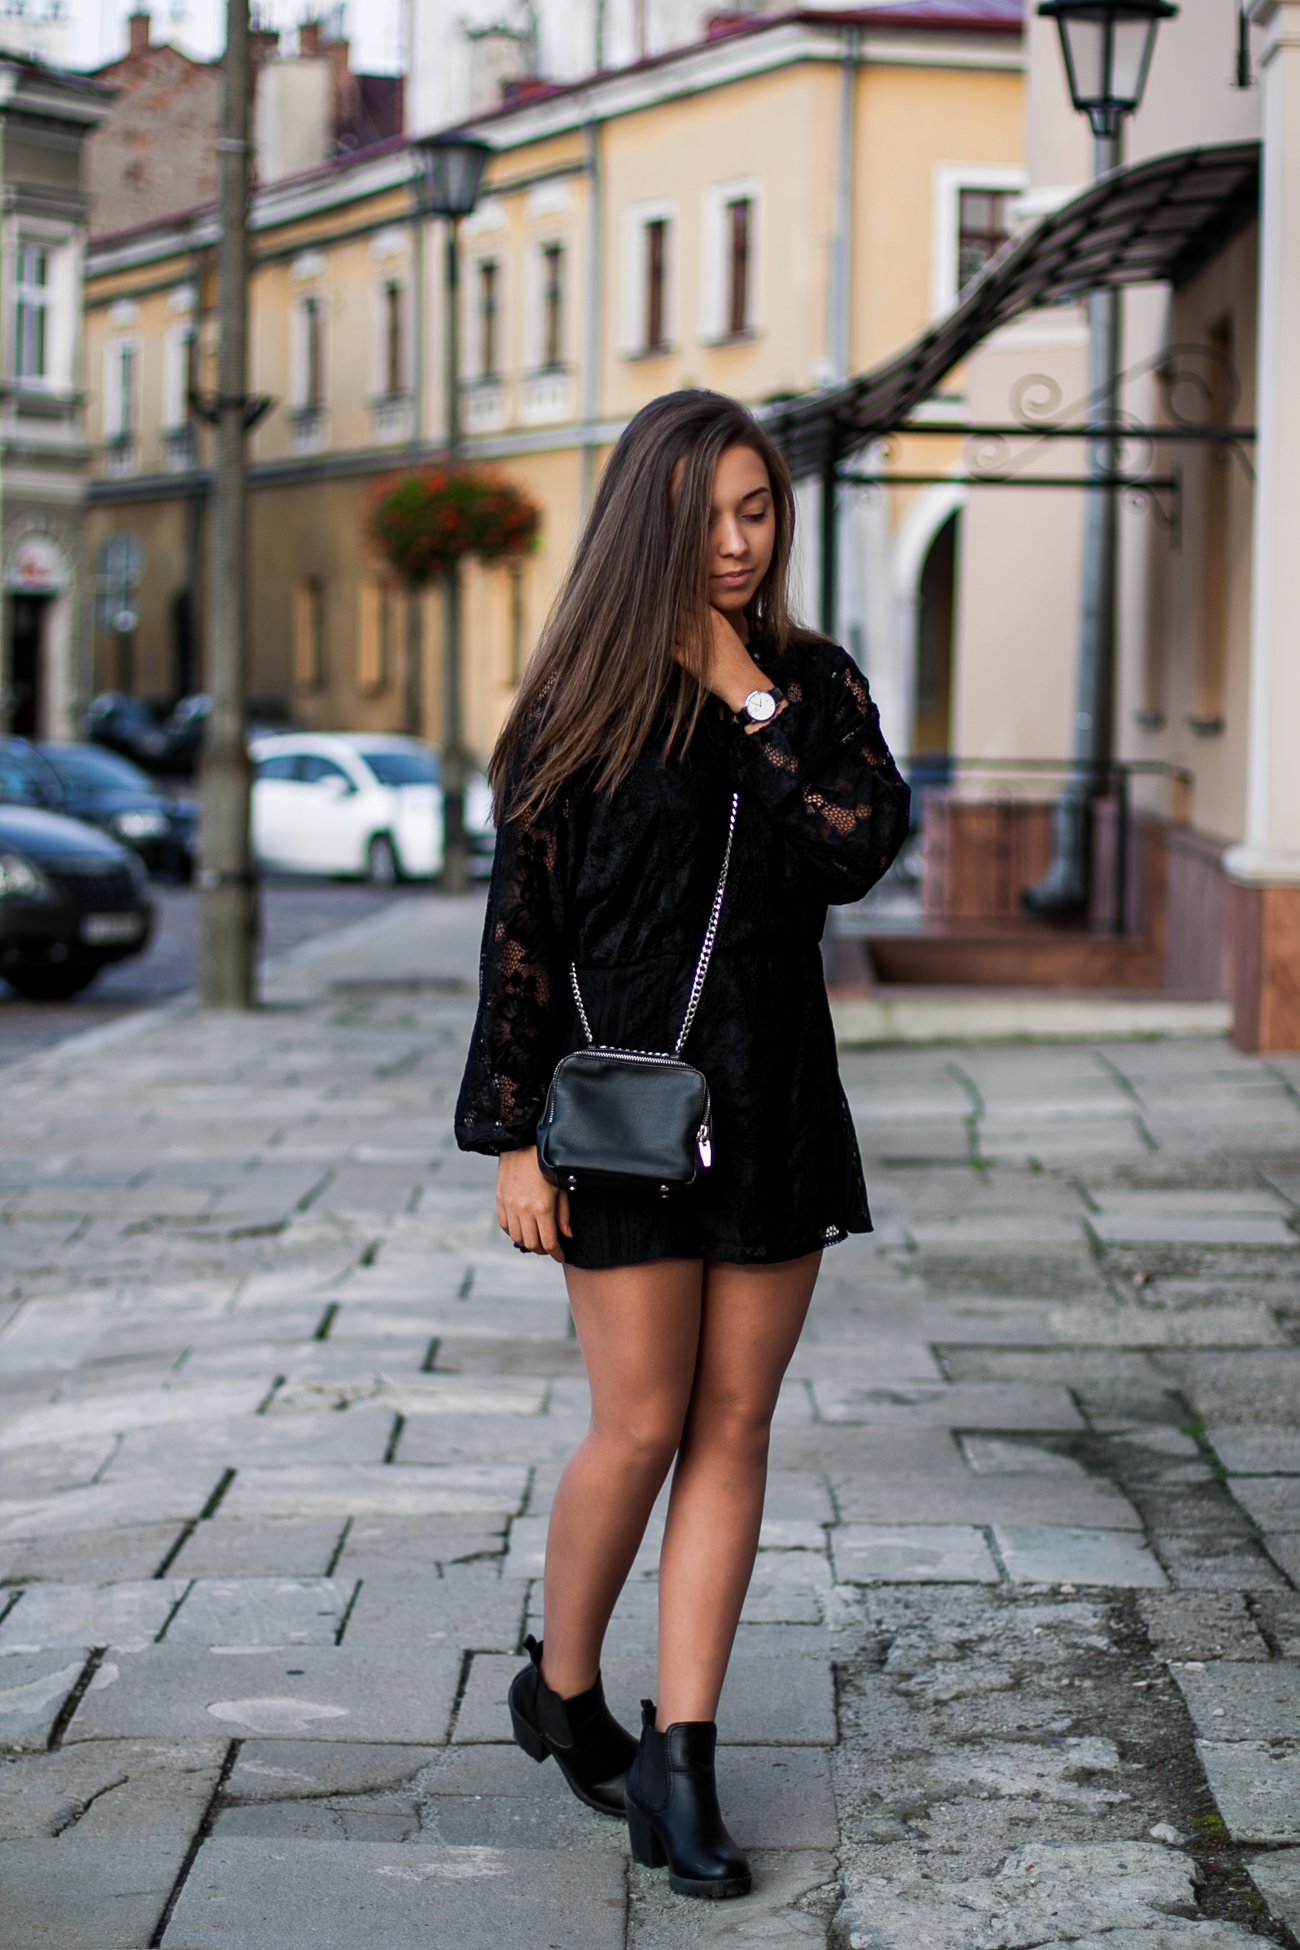 koronkowa sukienka jesienna stylizacja blog